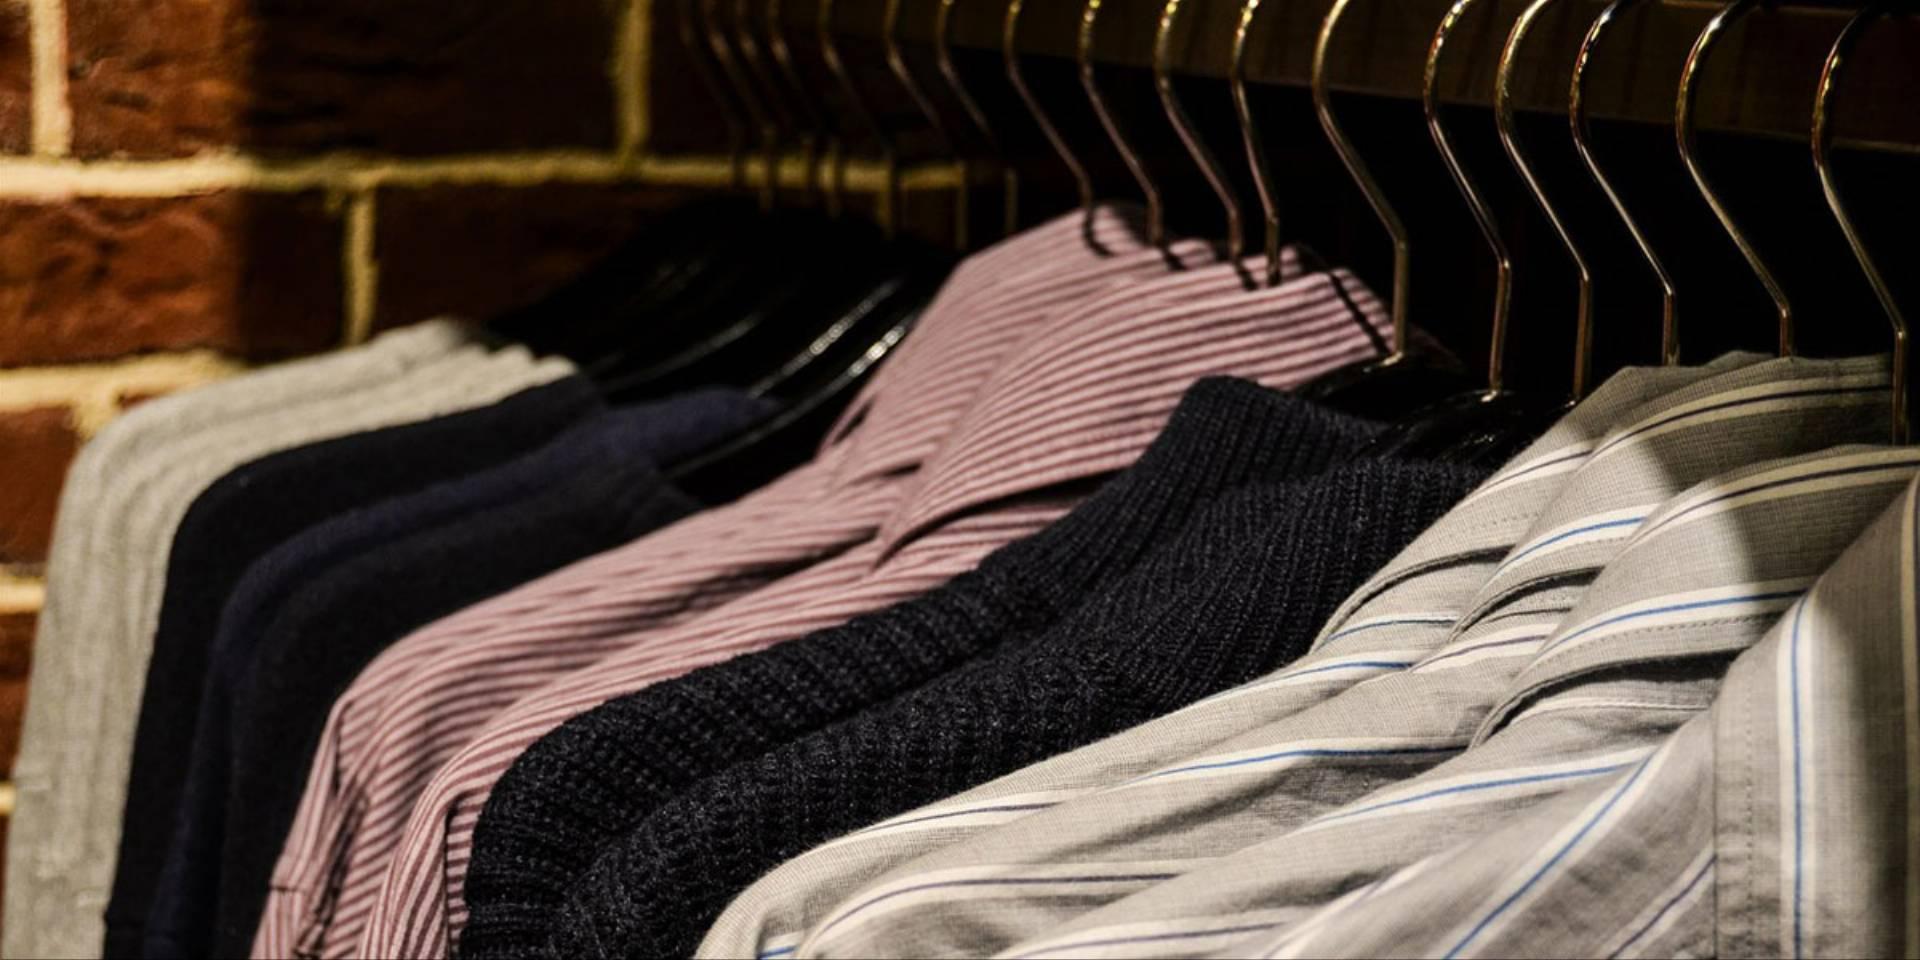 jak chronić ubrania przed zniszczeniem